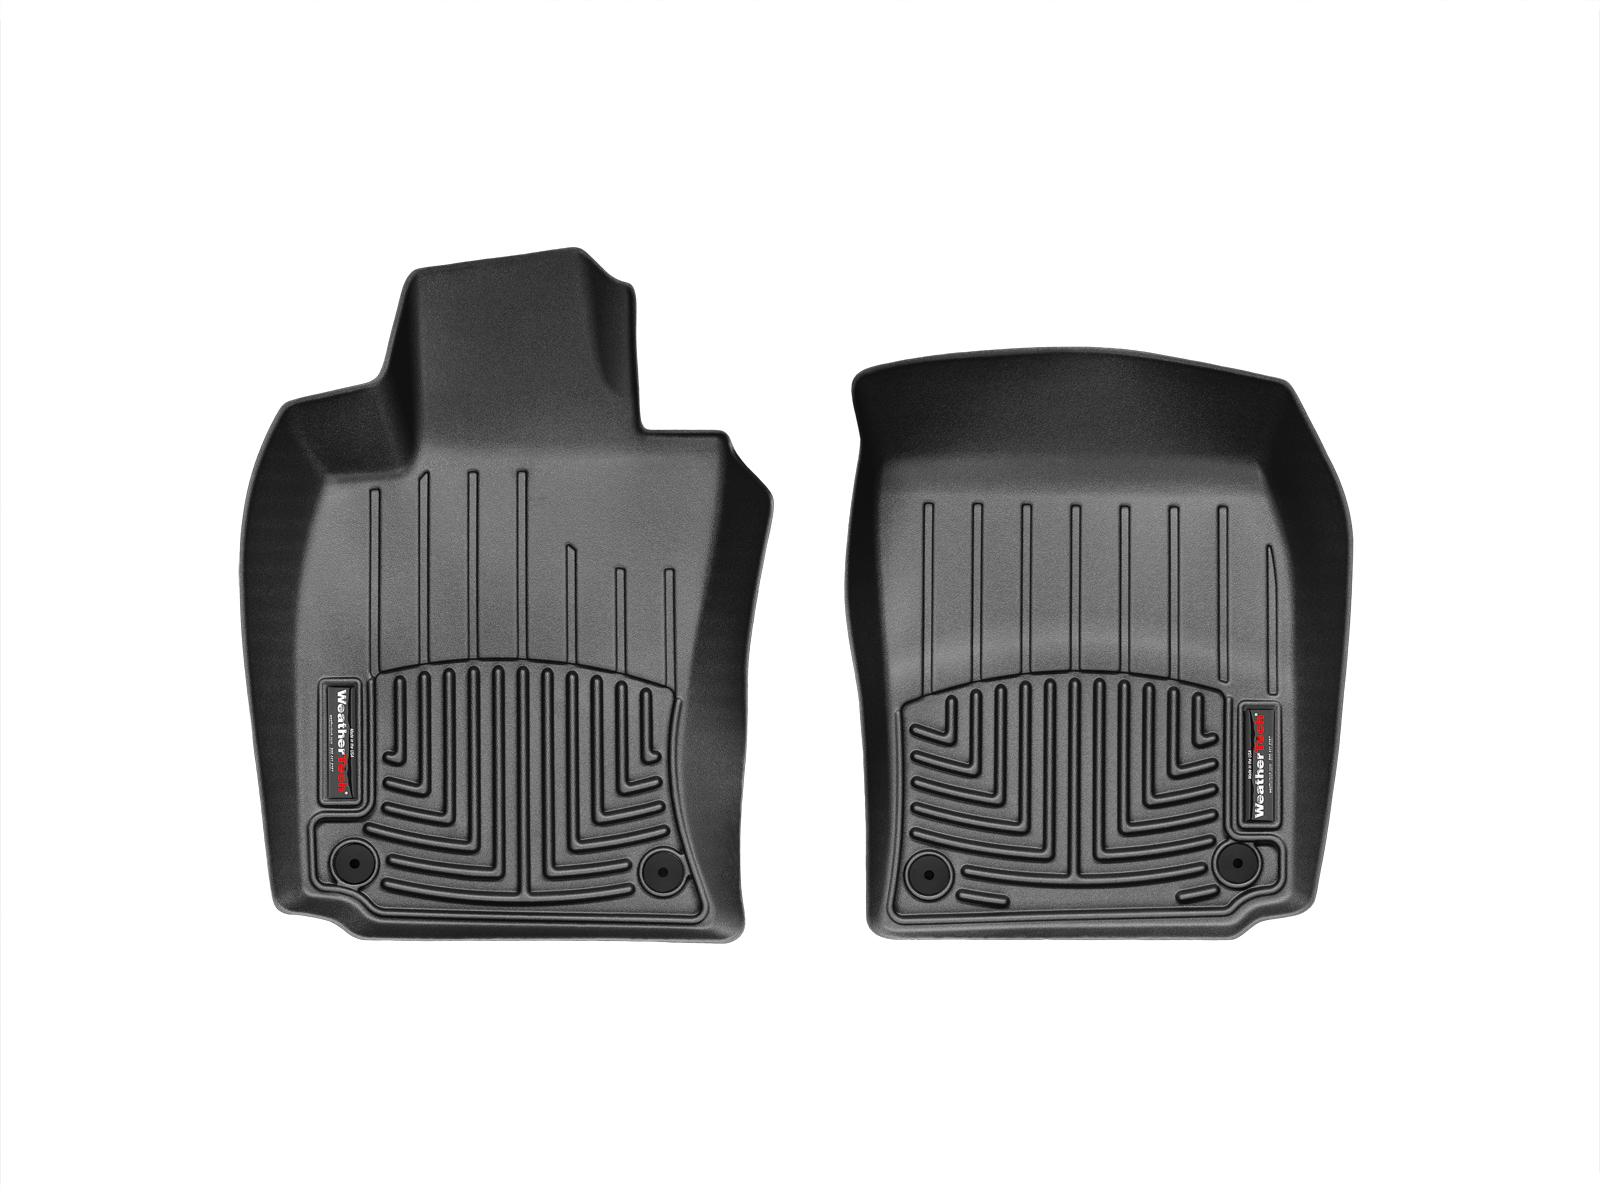 Tappeti gomma su misura bordo alto Porsche® Panamera 10>16 Nero A3174